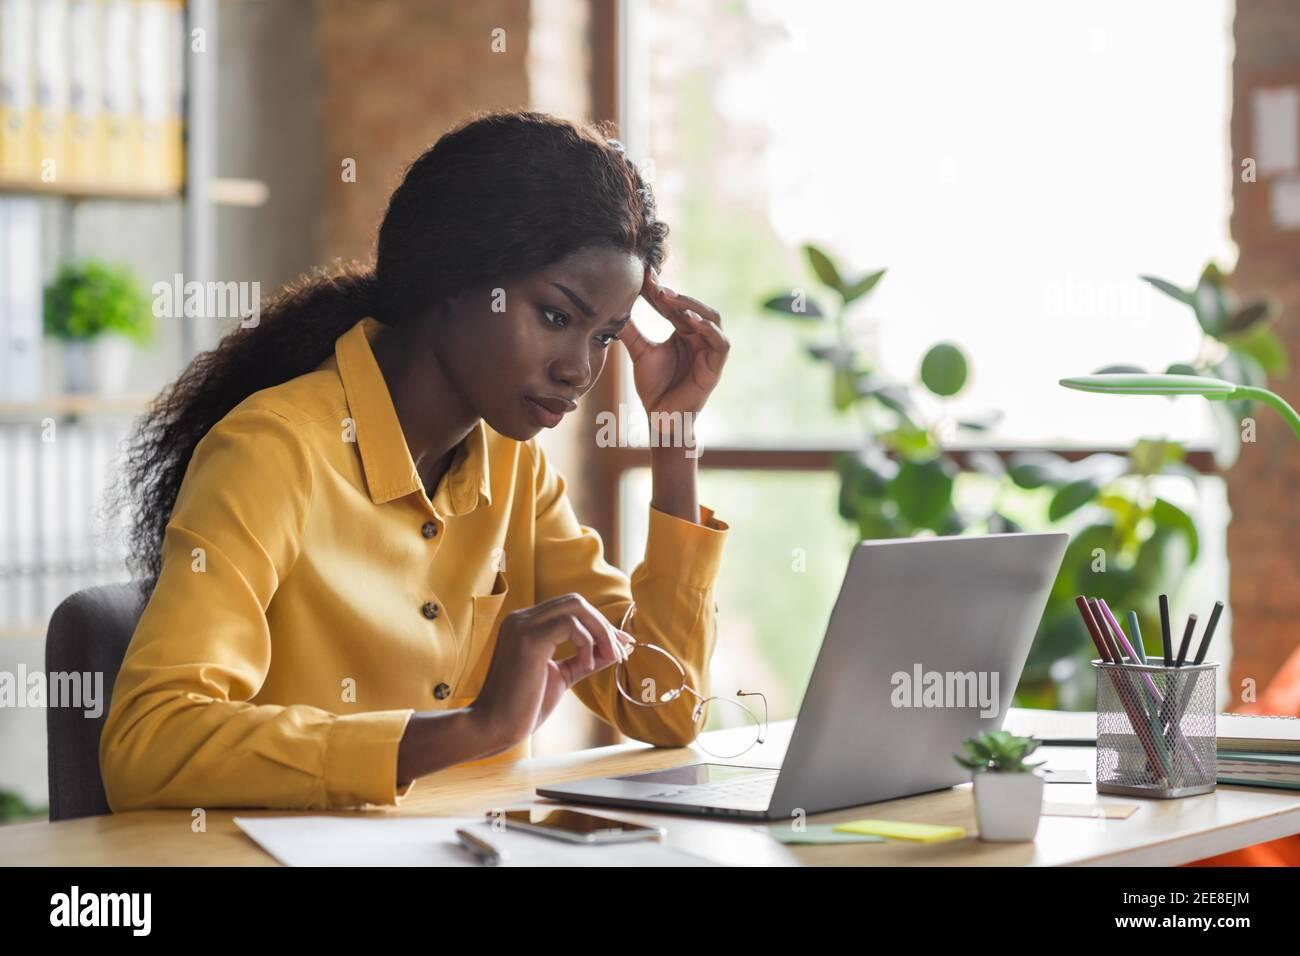 Foto-Porträt von afroamerikanischen Frau berühren Kopf an der Arbeit Laptop im modernen Büro im Innenbereich Stockfoto